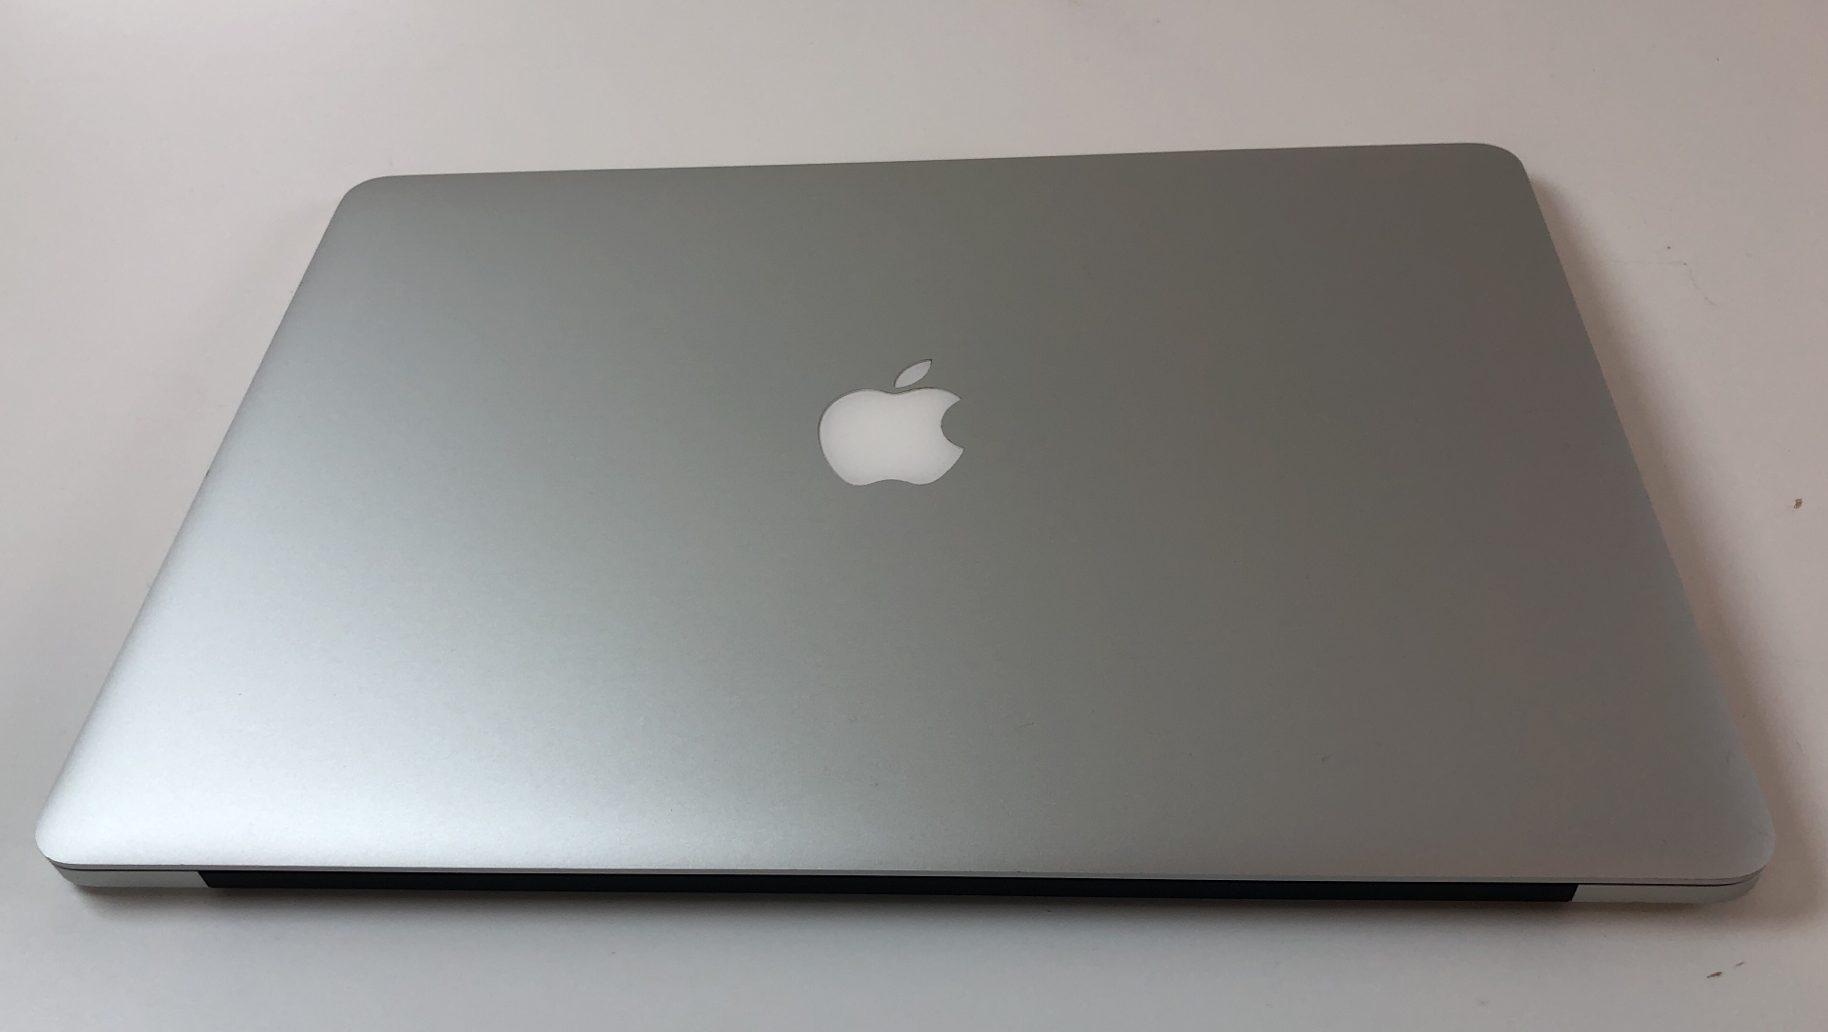 """MacBook Pro Retina 15"""" Mid 2015 (Intel Quad-Core i7 2.8 GHz 16 GB RAM 1 TB SSD), Intel Quad-Core i7 2.8 GHz, 16 GB RAM, 1 TB SSD, image 2"""